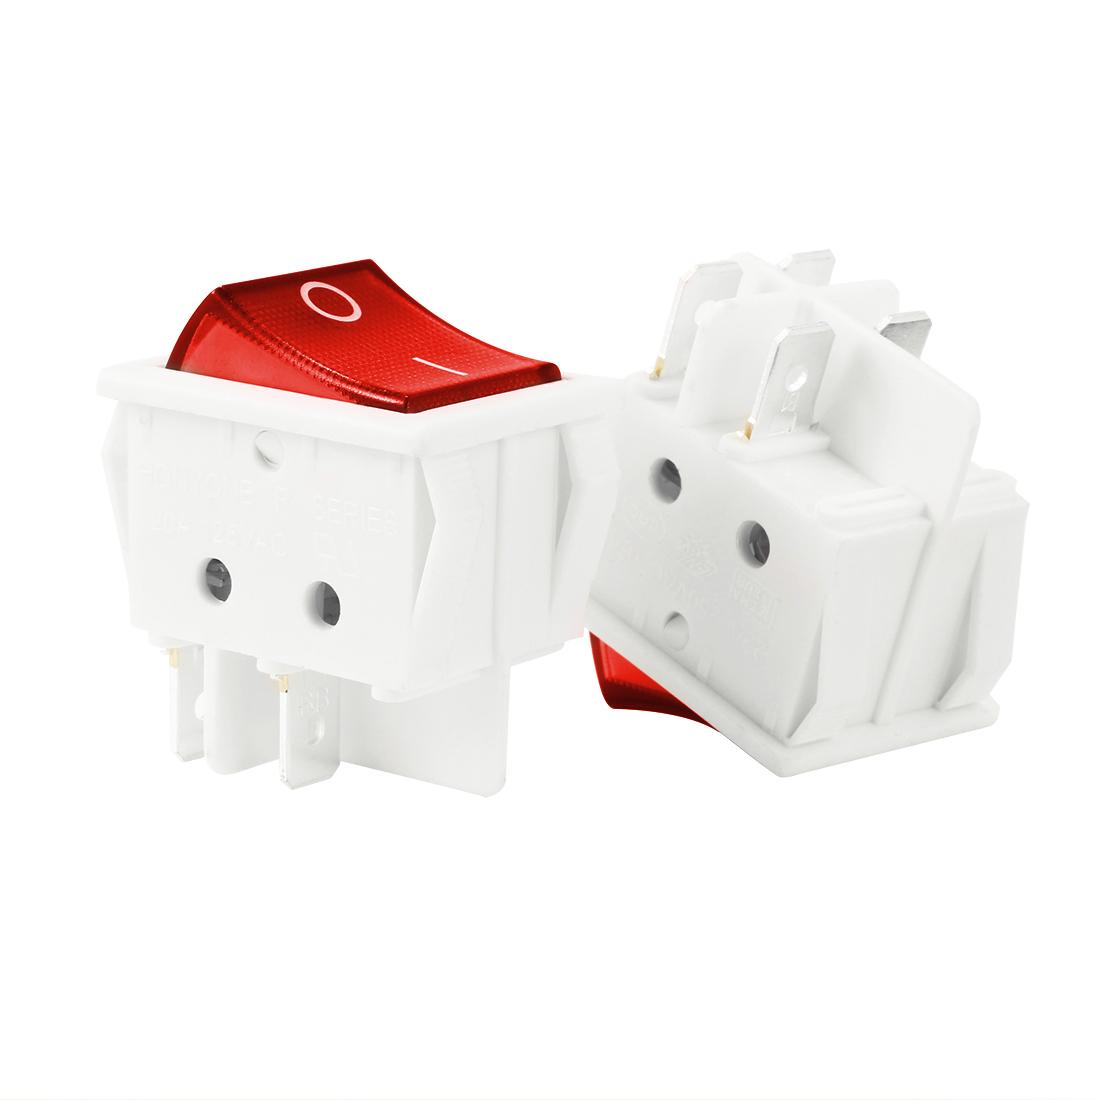 10Pcs AC 20A/125V 22A/250V DPST 4P ON/OFF Red LED Light Rocker Switch